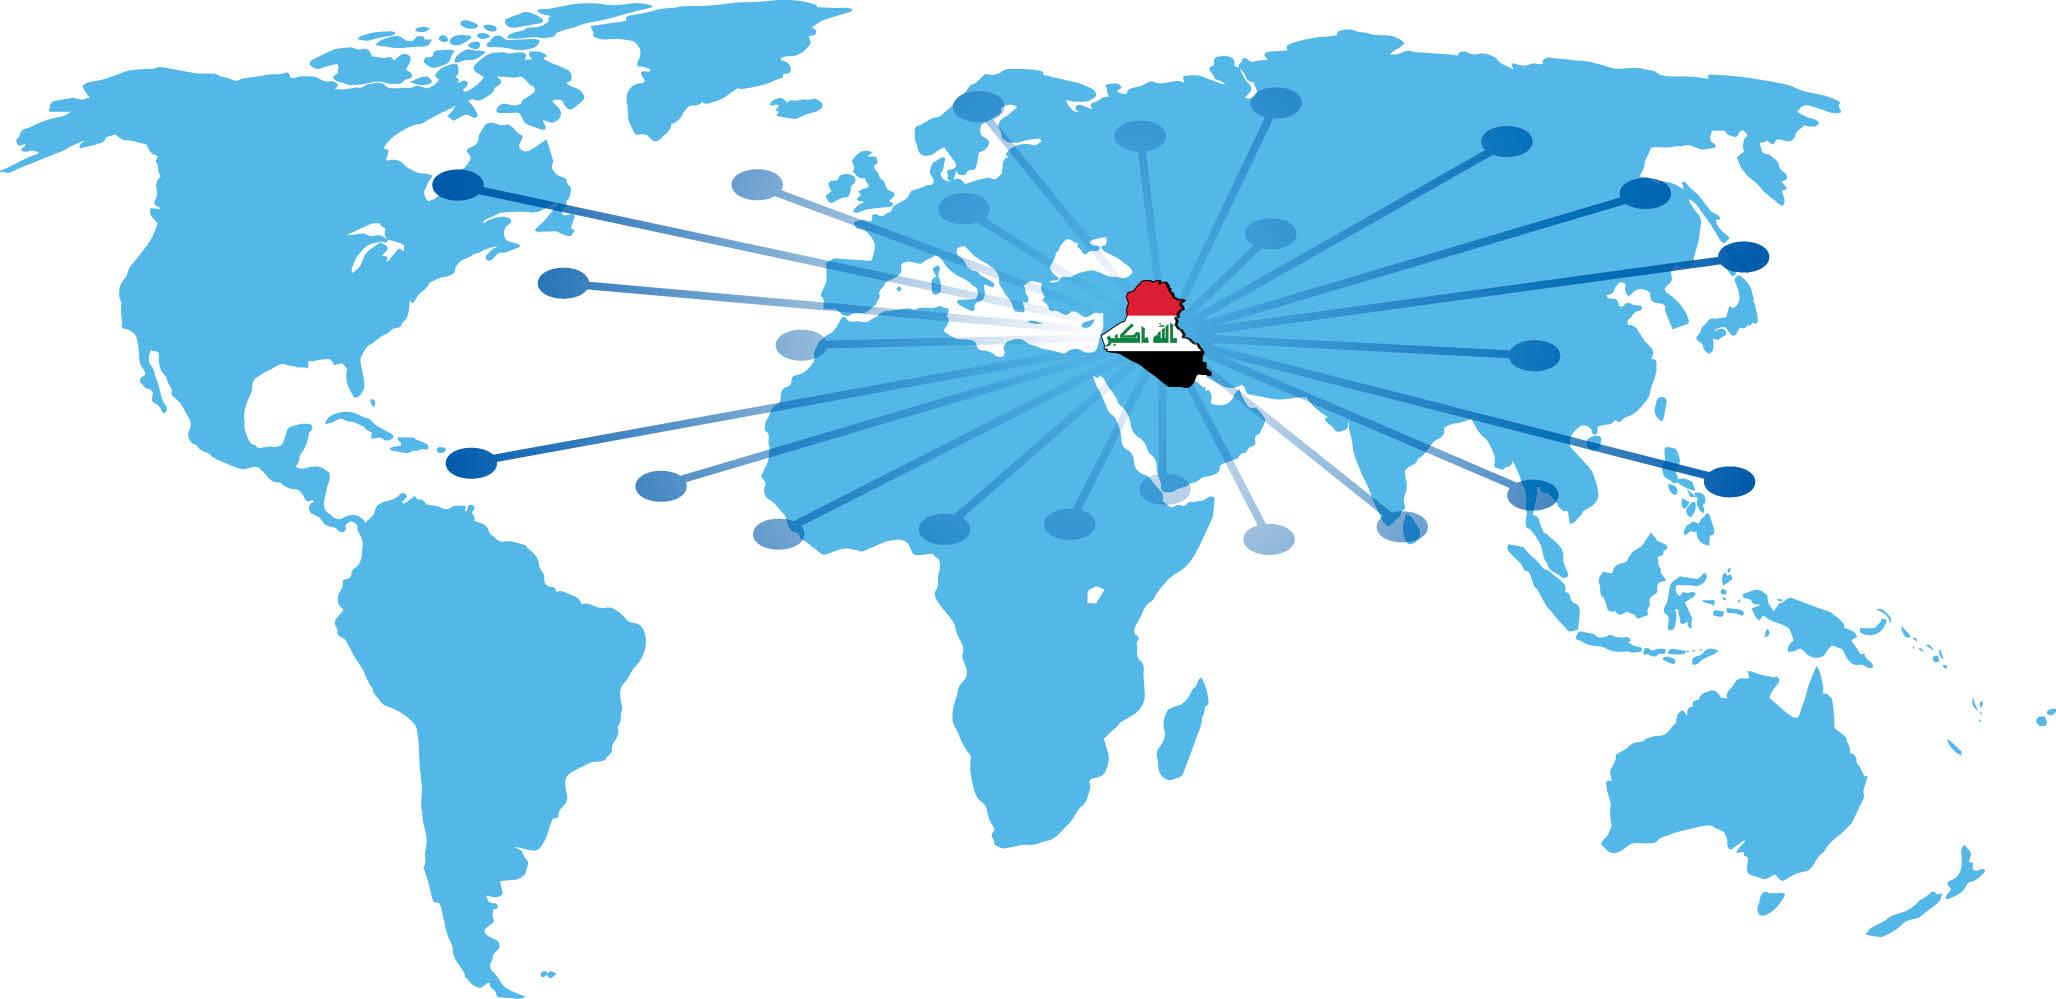 أهداف السياسة الخارجية العراقية وثوابتها